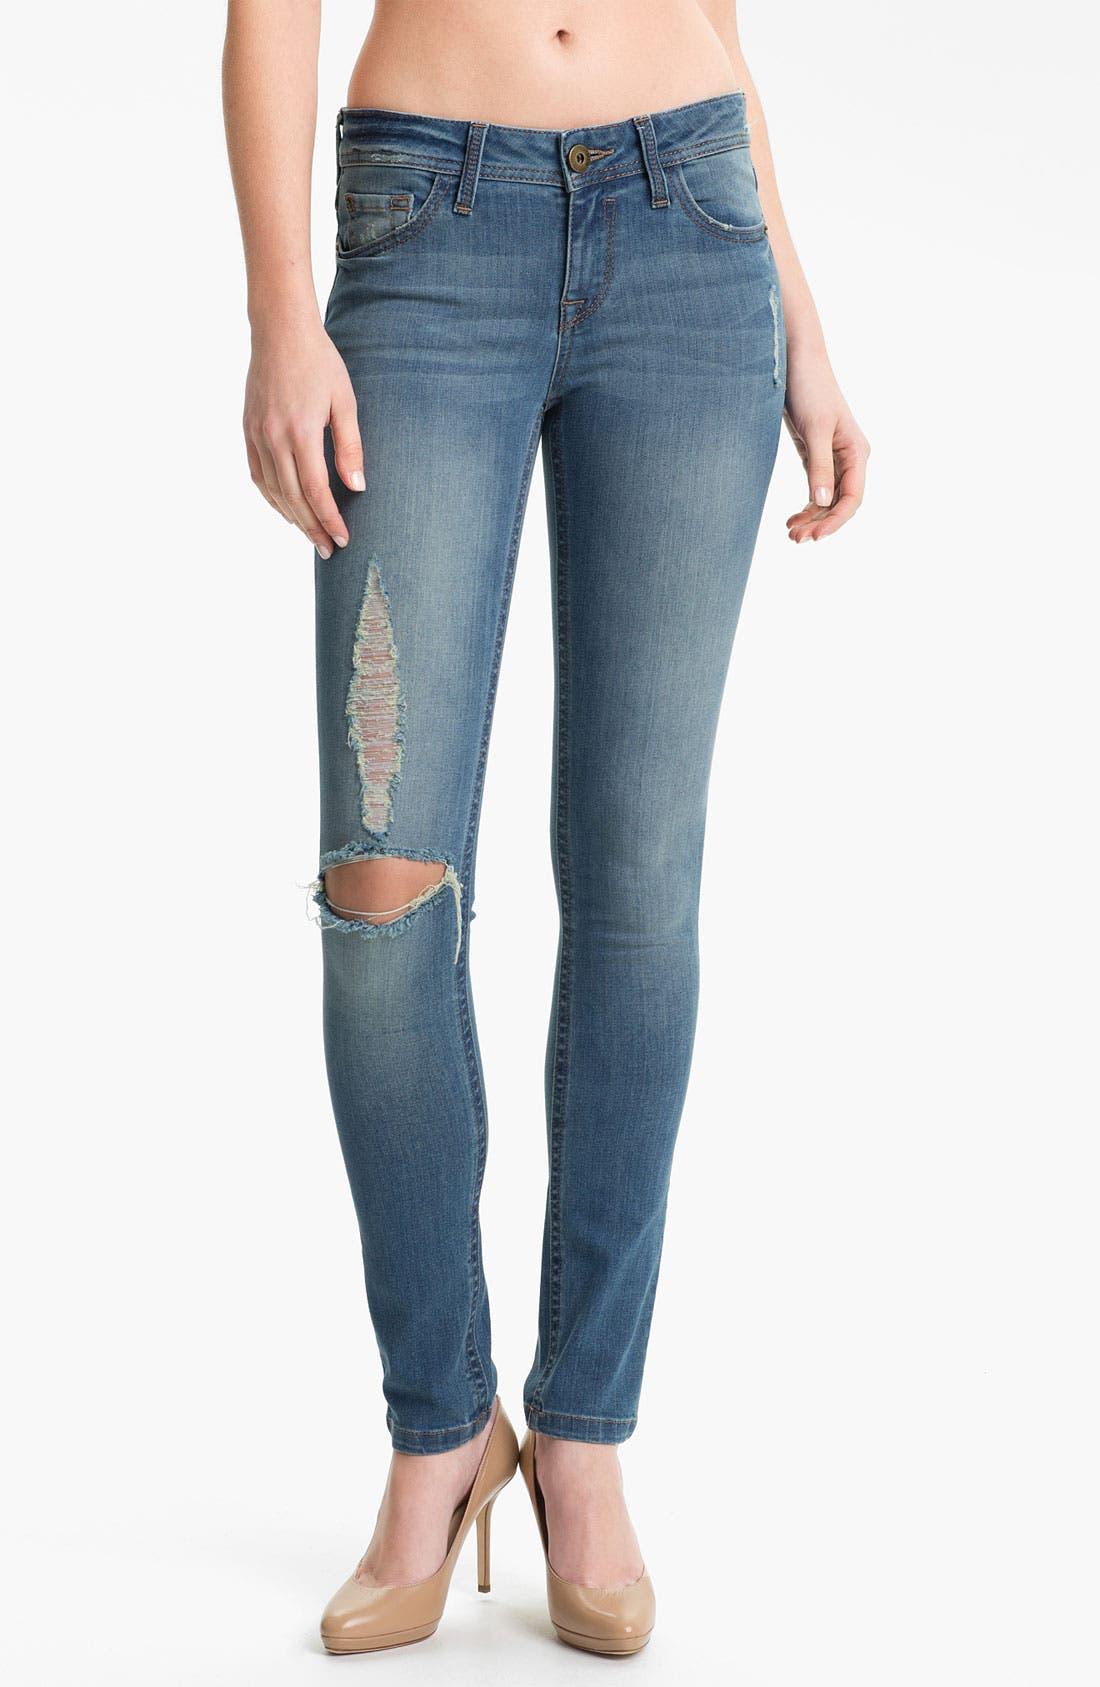 Alternate Image 1 Selected - DL1961 'Amanda' X-Fit Stretch Destroyed Denim Skinny Jeans (Mayhem)